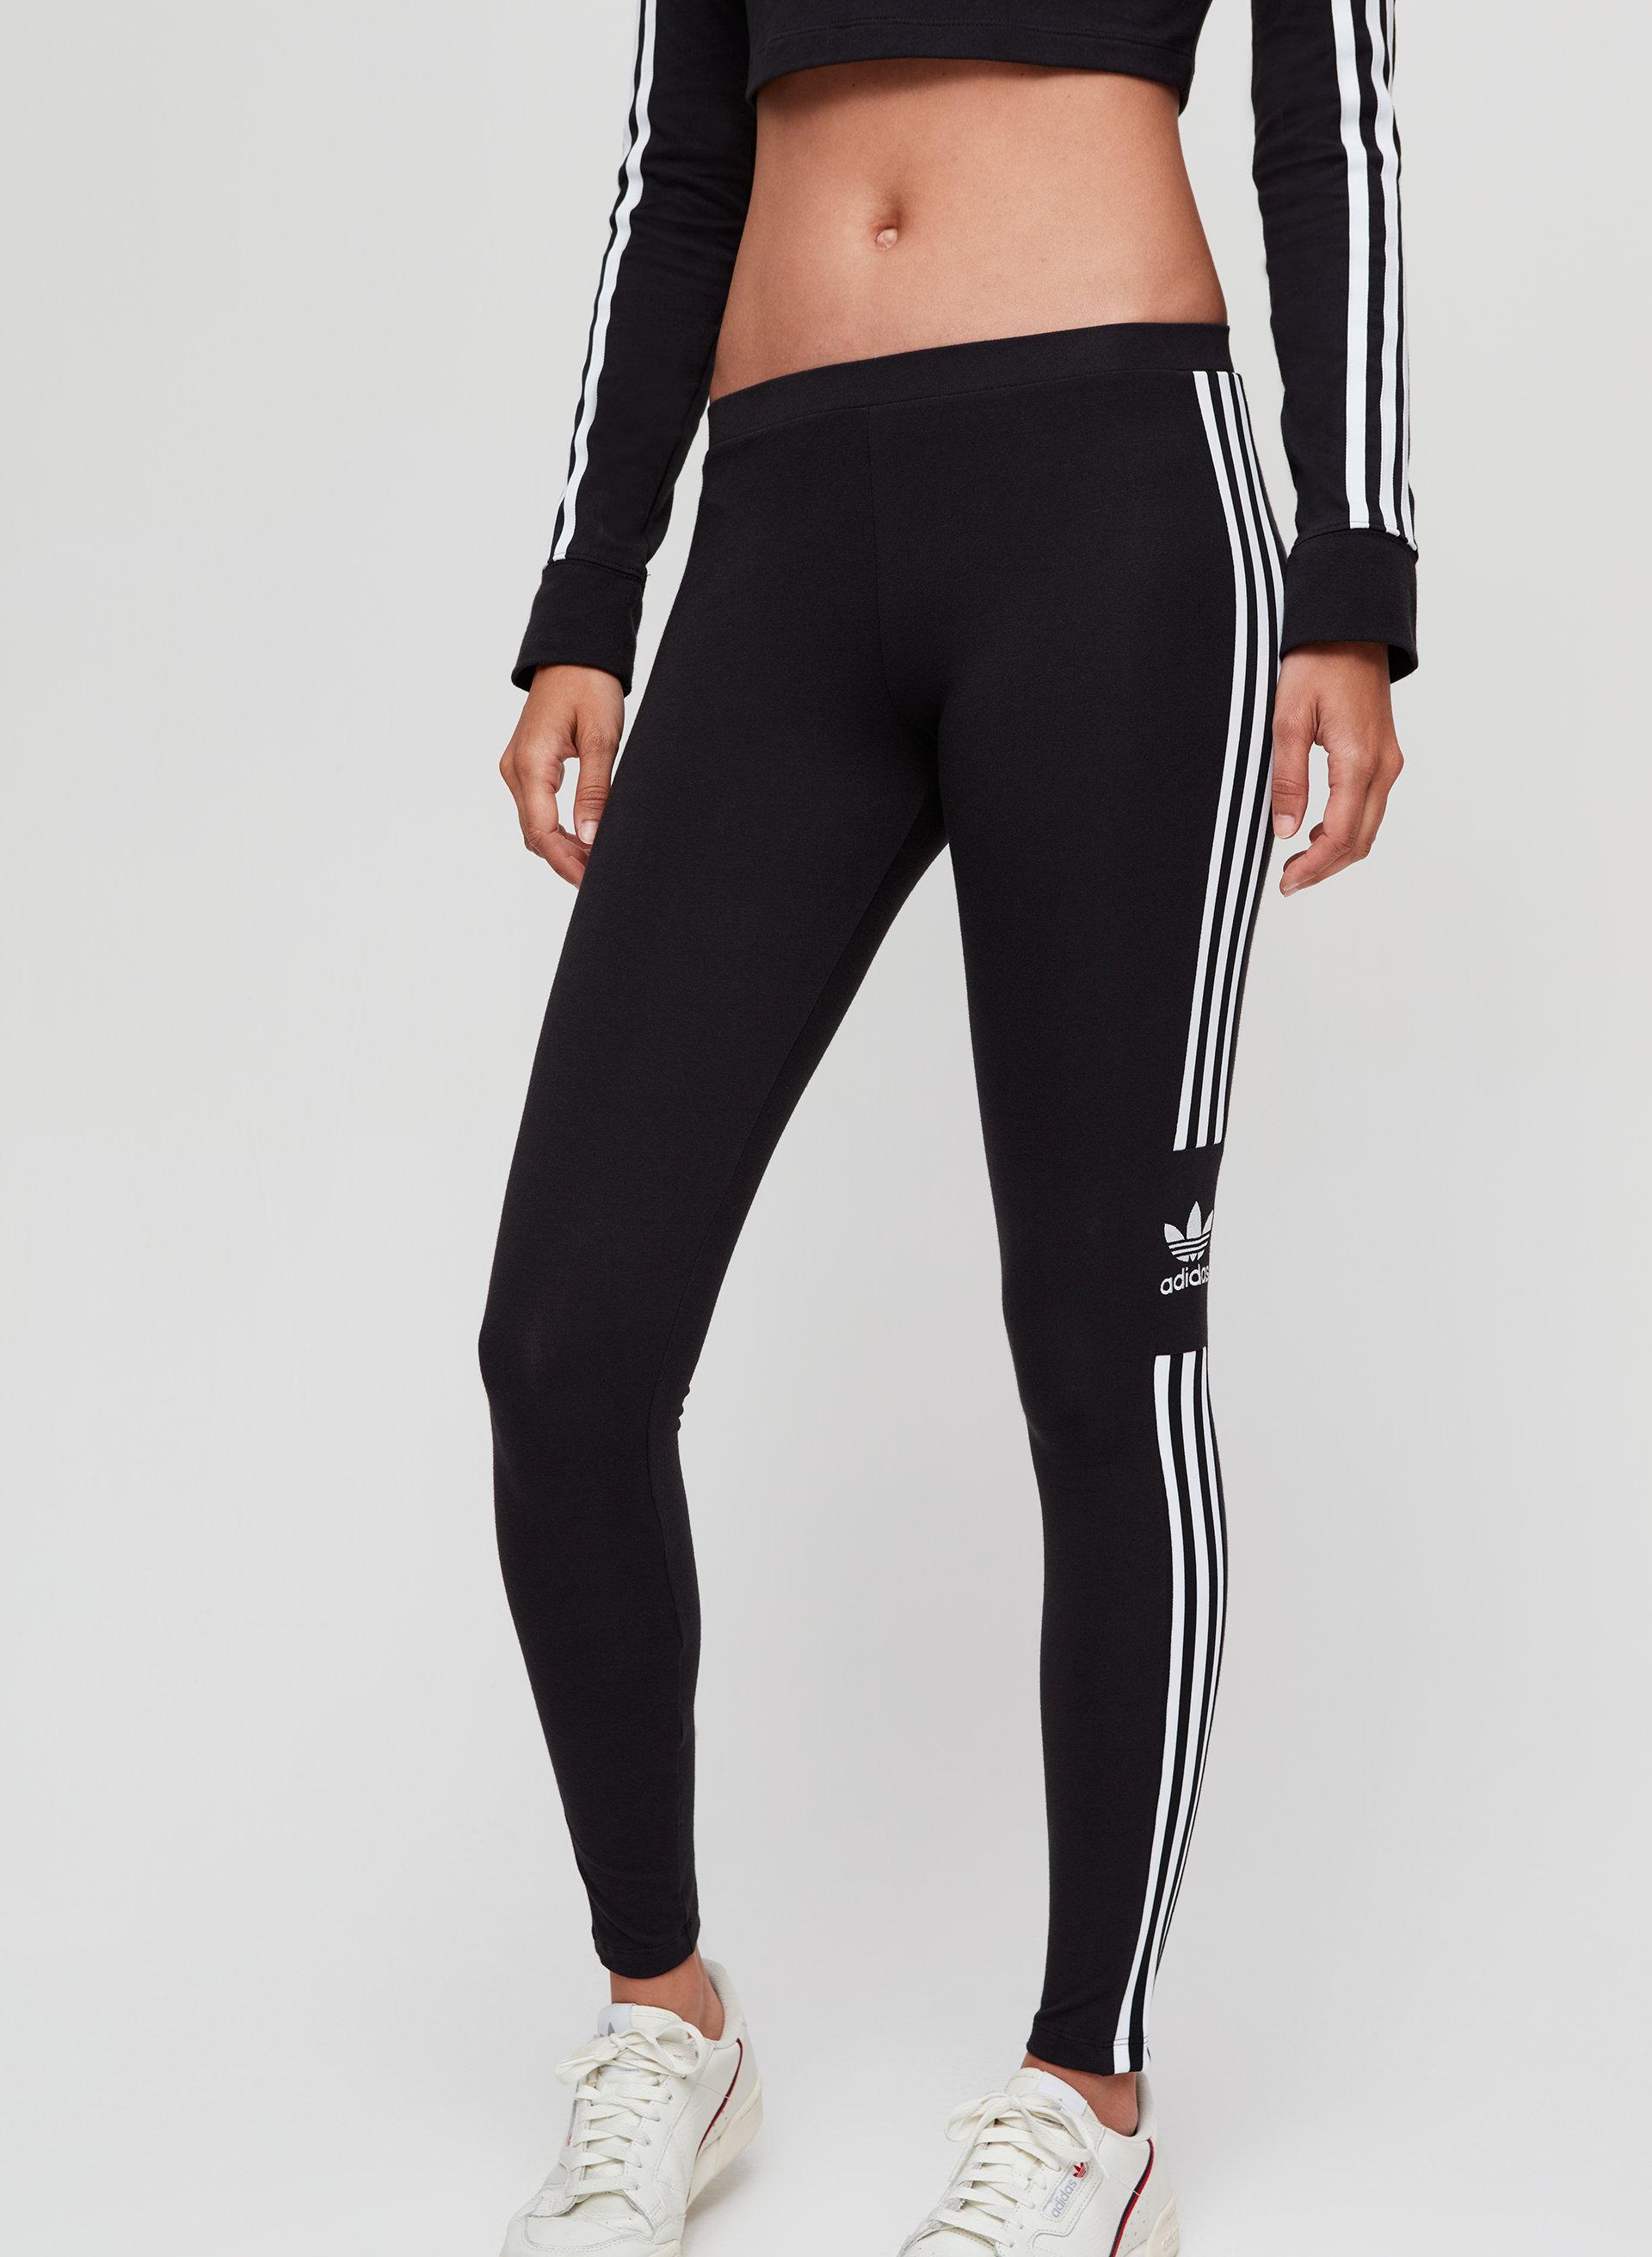 adidas pants tight